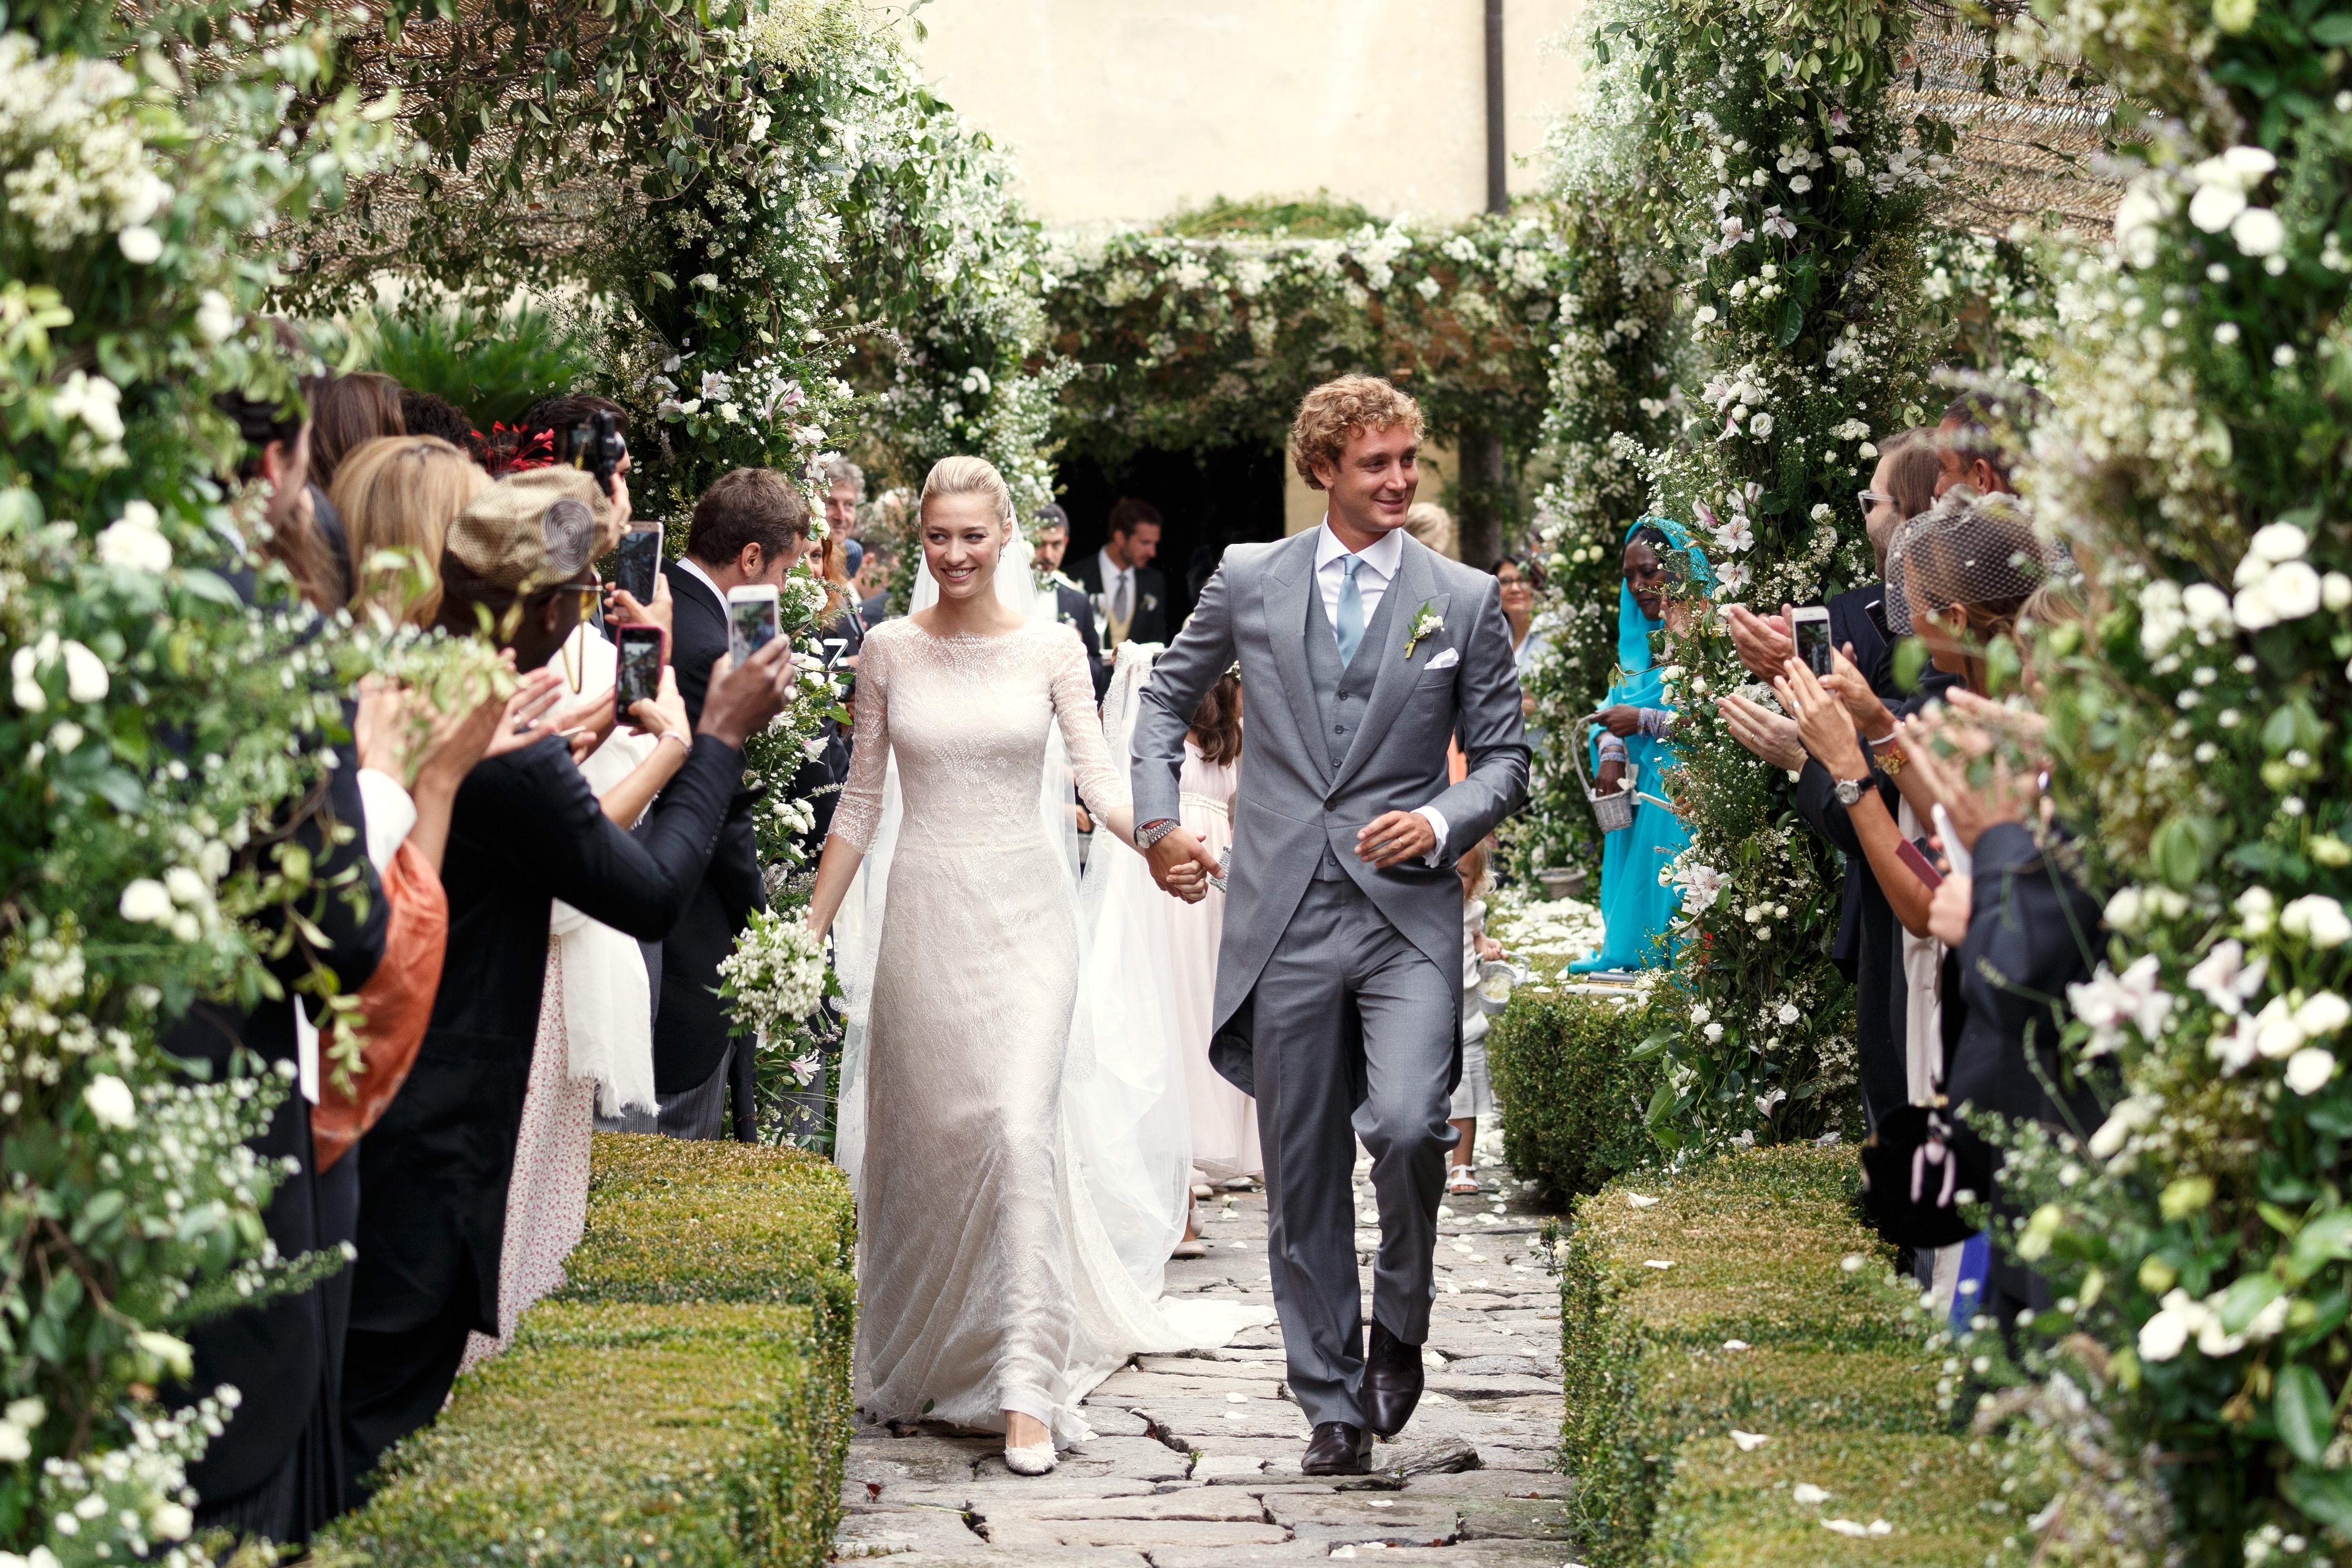 Beatrice Borromeo and Pierre Casiraghi sposi